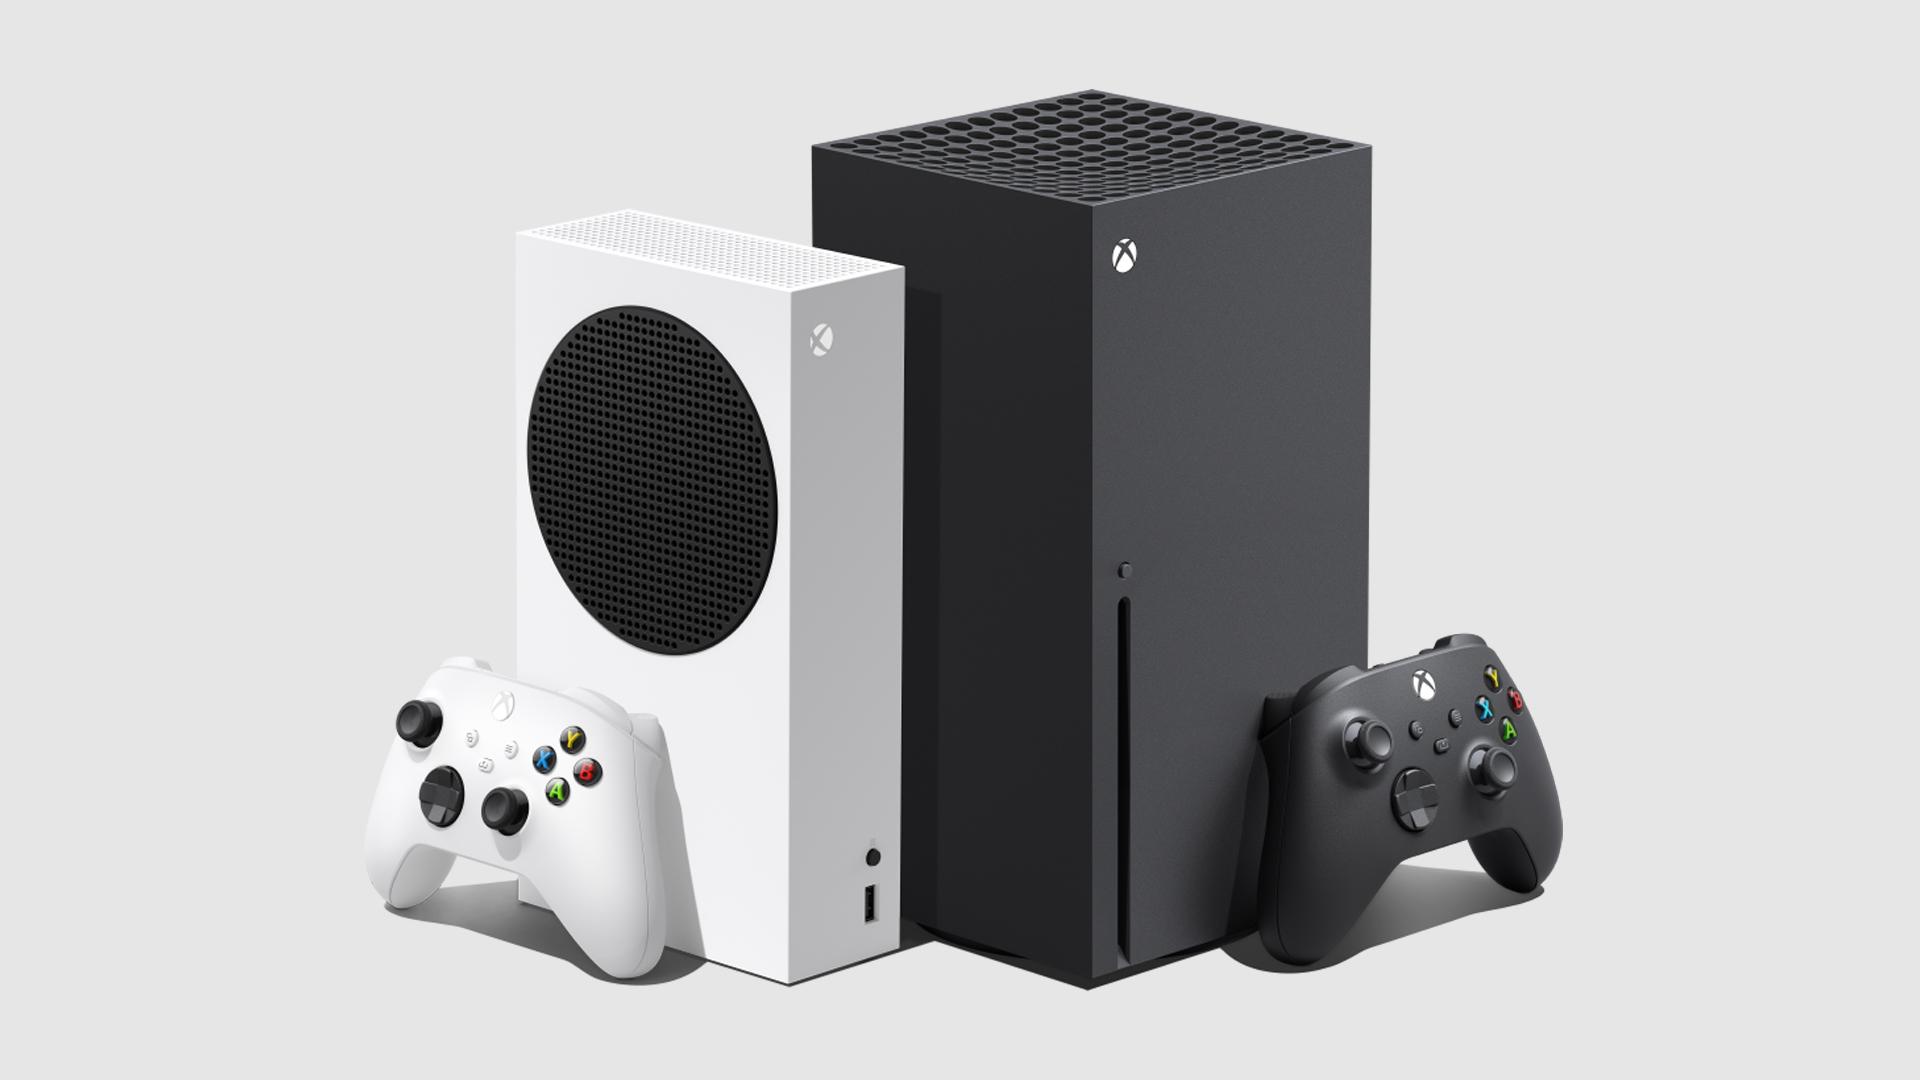 Xbox Series X|S.